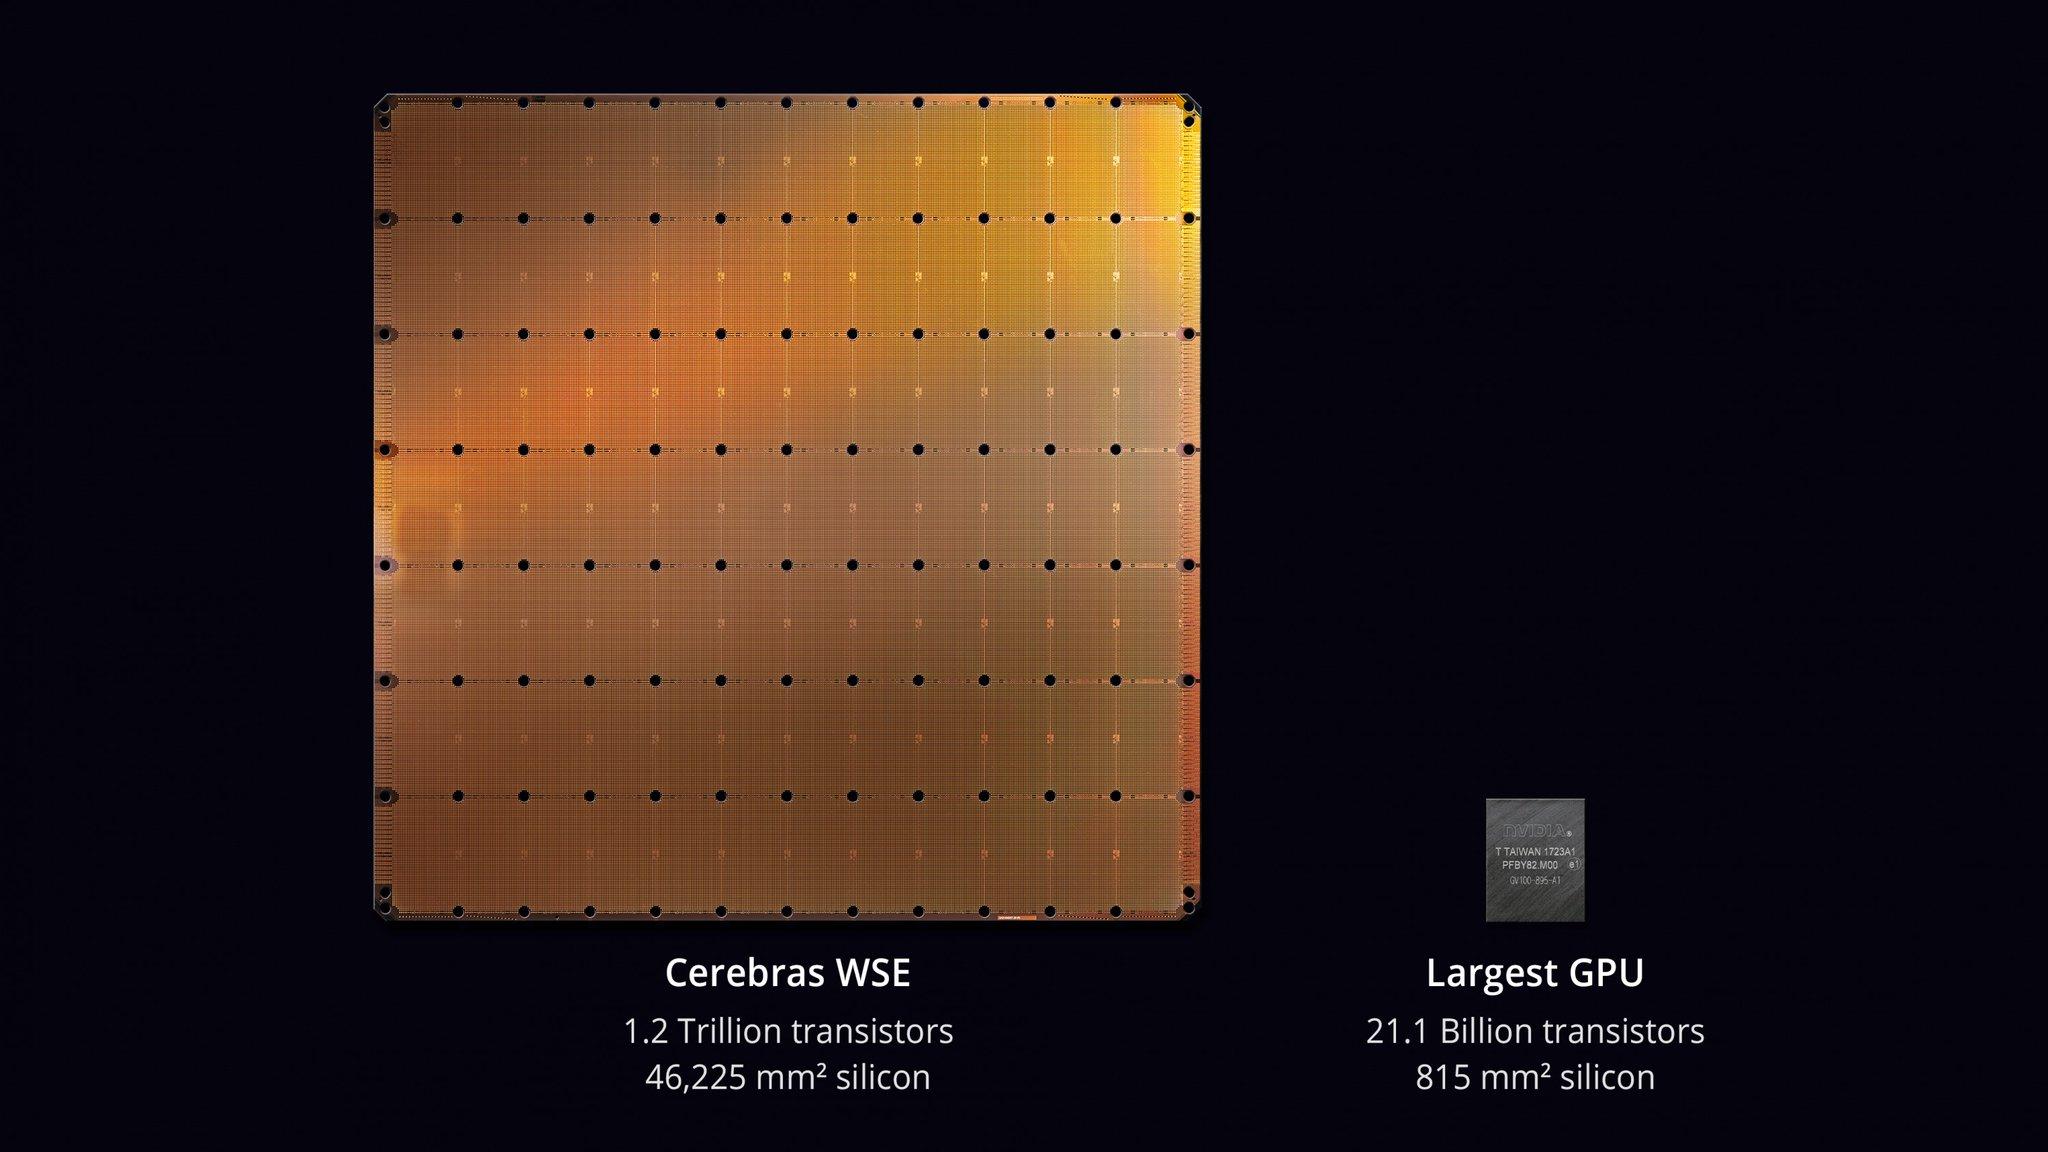 Predstavljen najveći procesor na svijetu